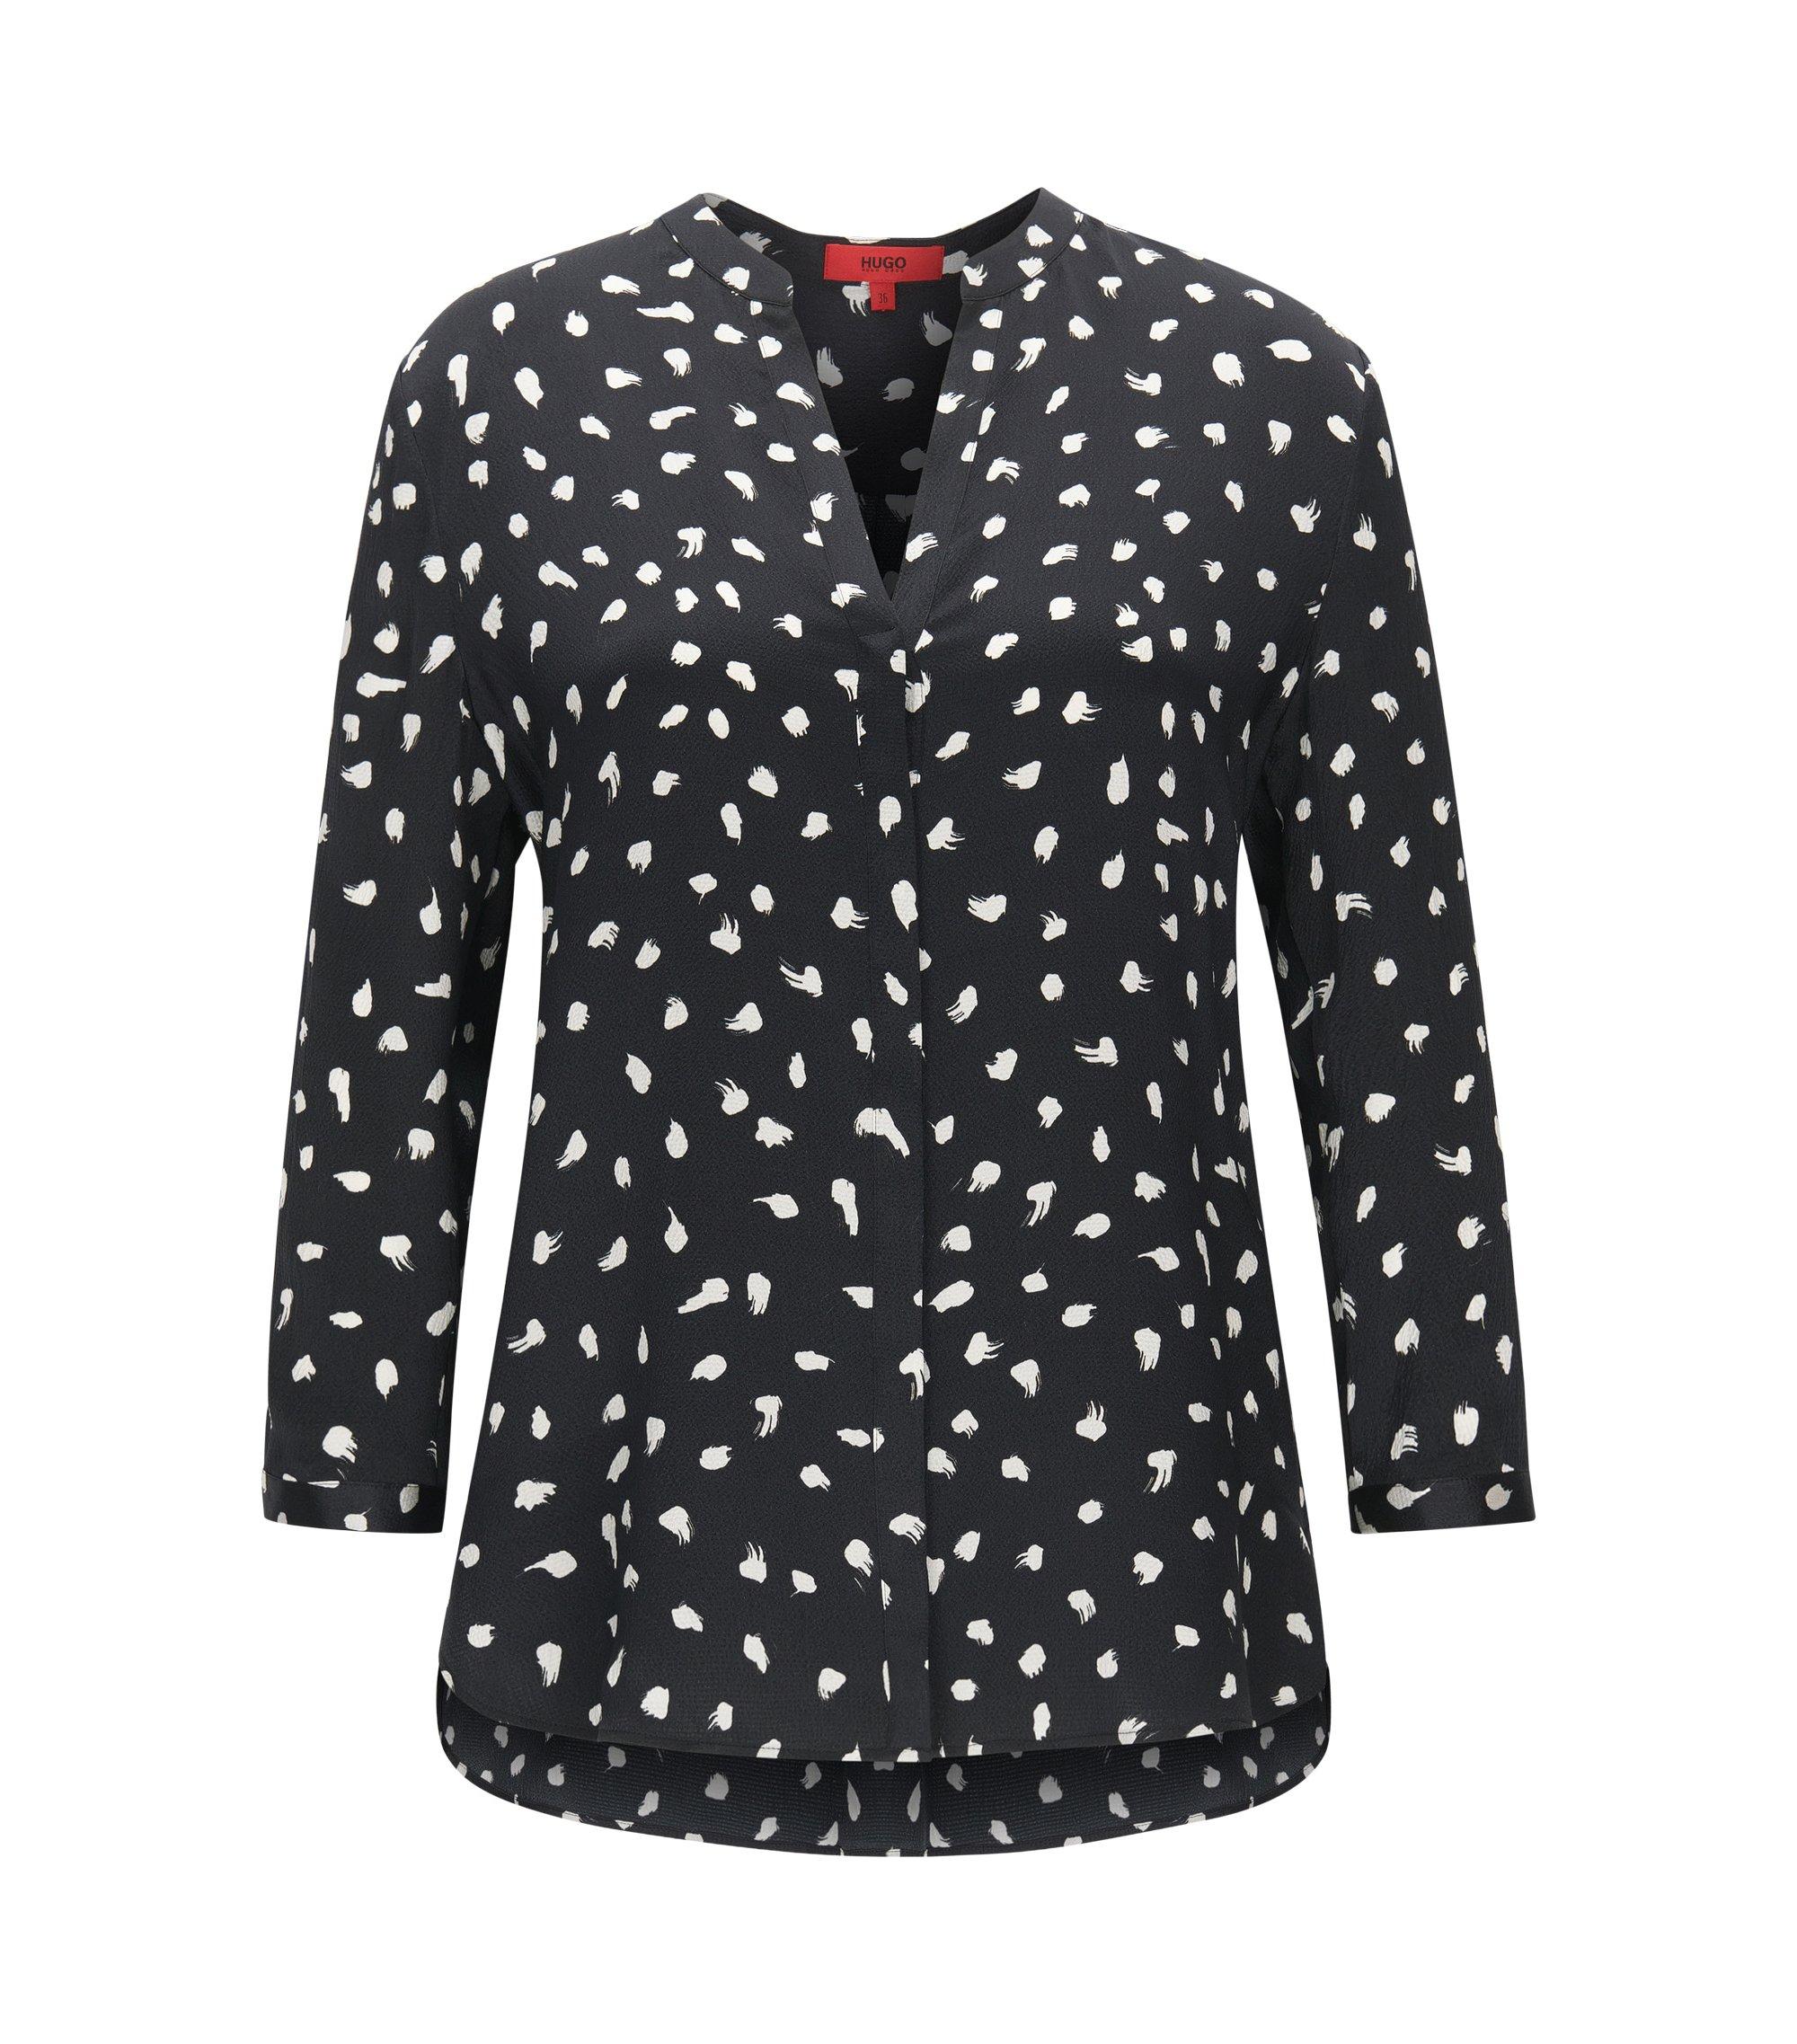 Kragenlose Relaxed-Fit Bluse aus reiner Seide, Gemustert